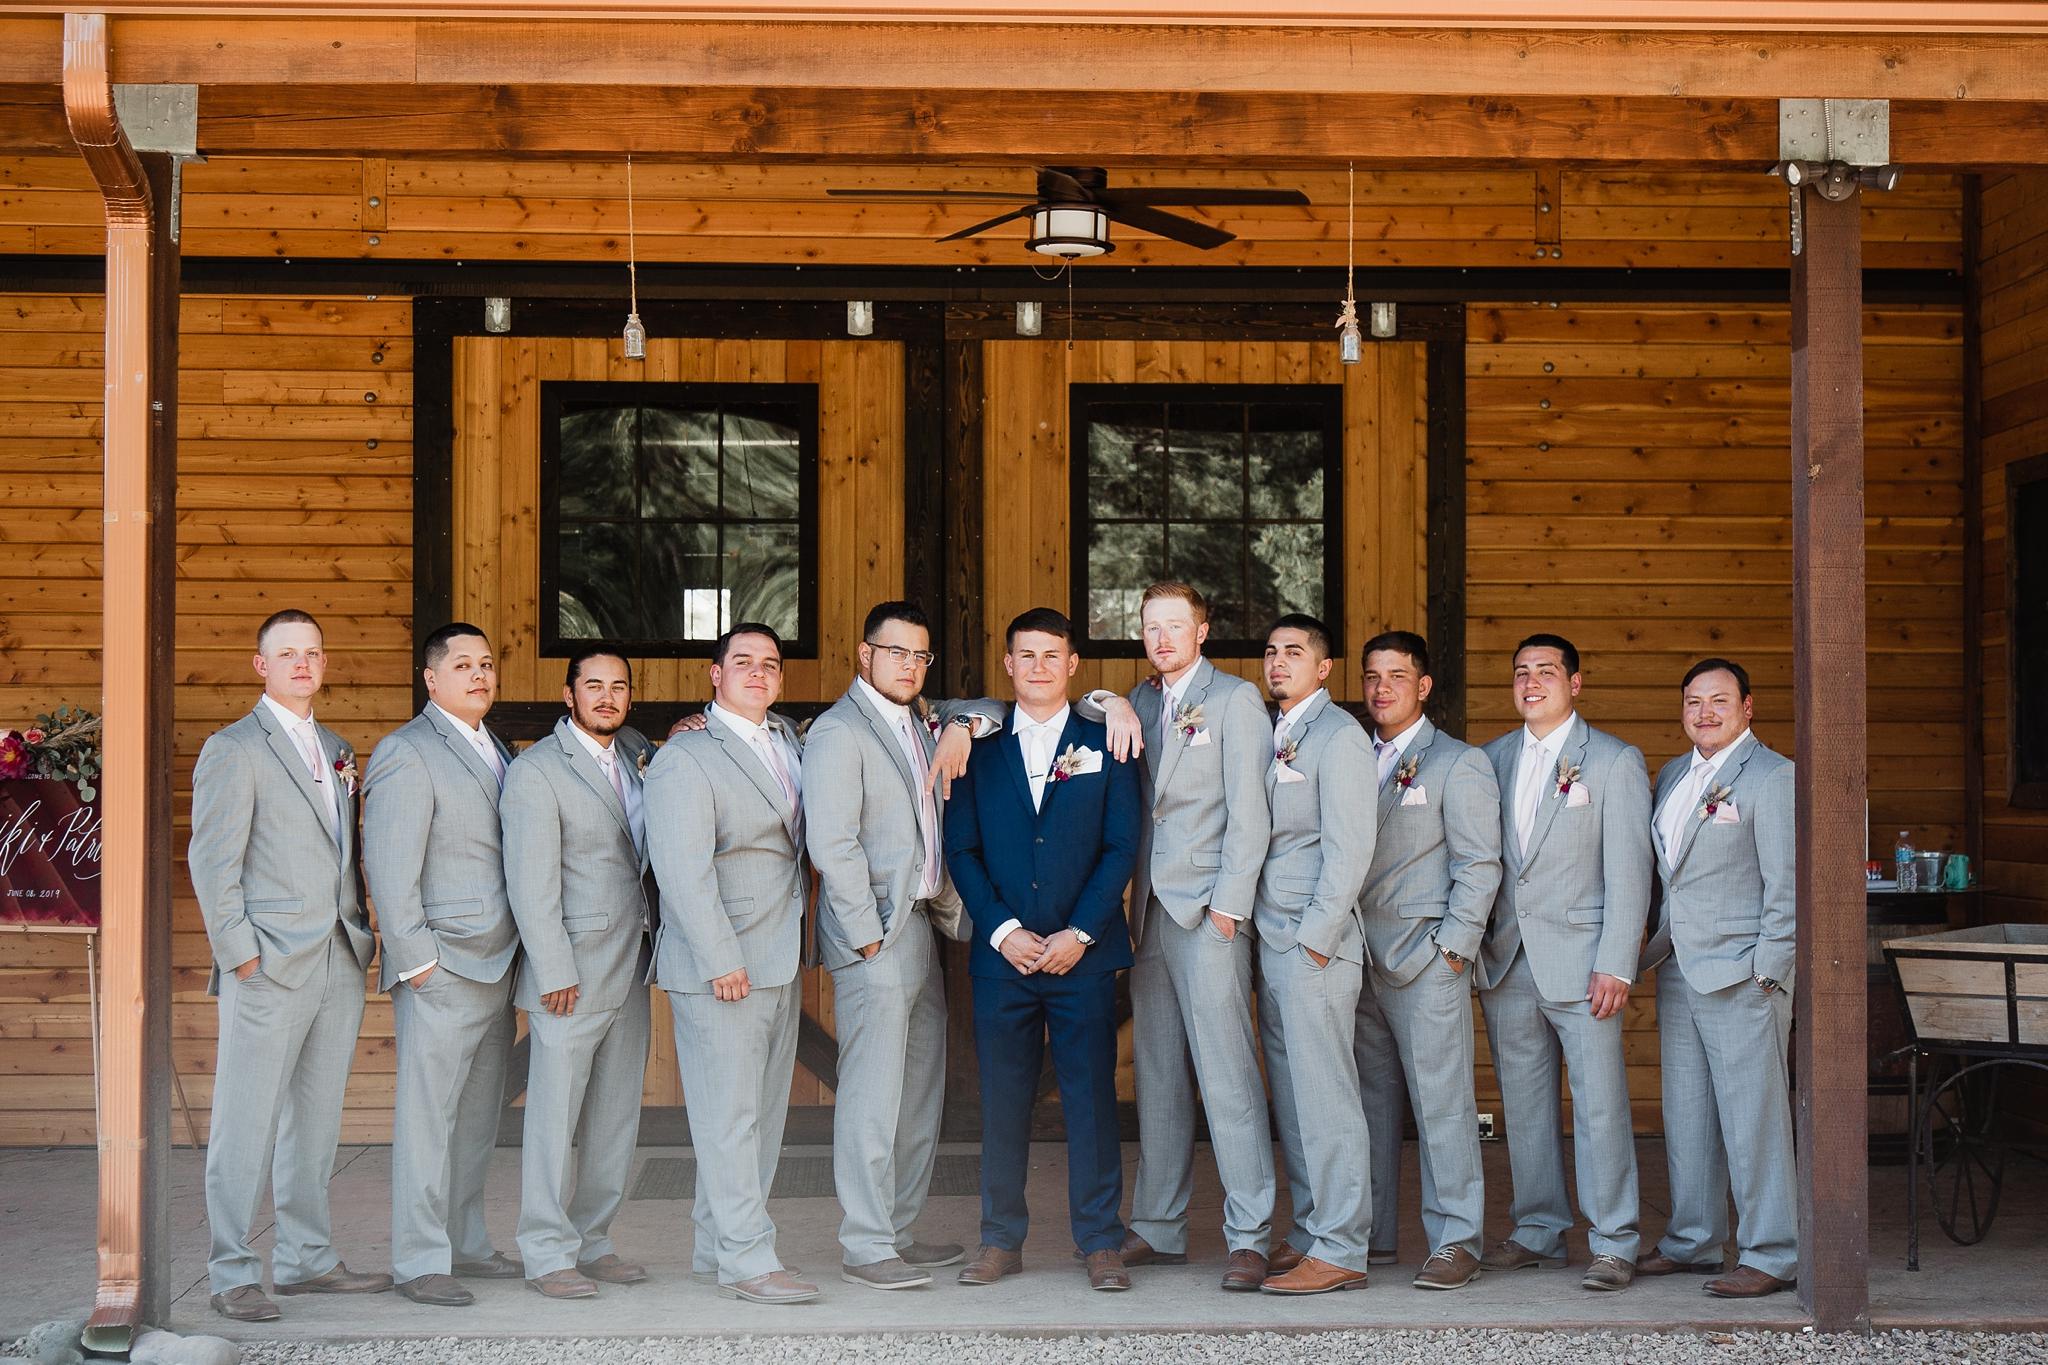 Alicia+lucia+photography+-+albuquerque+wedding+photographer+-+santa+fe+wedding+photography+-+new+mexico+wedding+photographer+-+new+mexico+wedding+-+new+mexico+wedding+-+barn+wedding+-+enchanted+vine+barn+wedding+-+ruidoso+wedding_0091.jpg